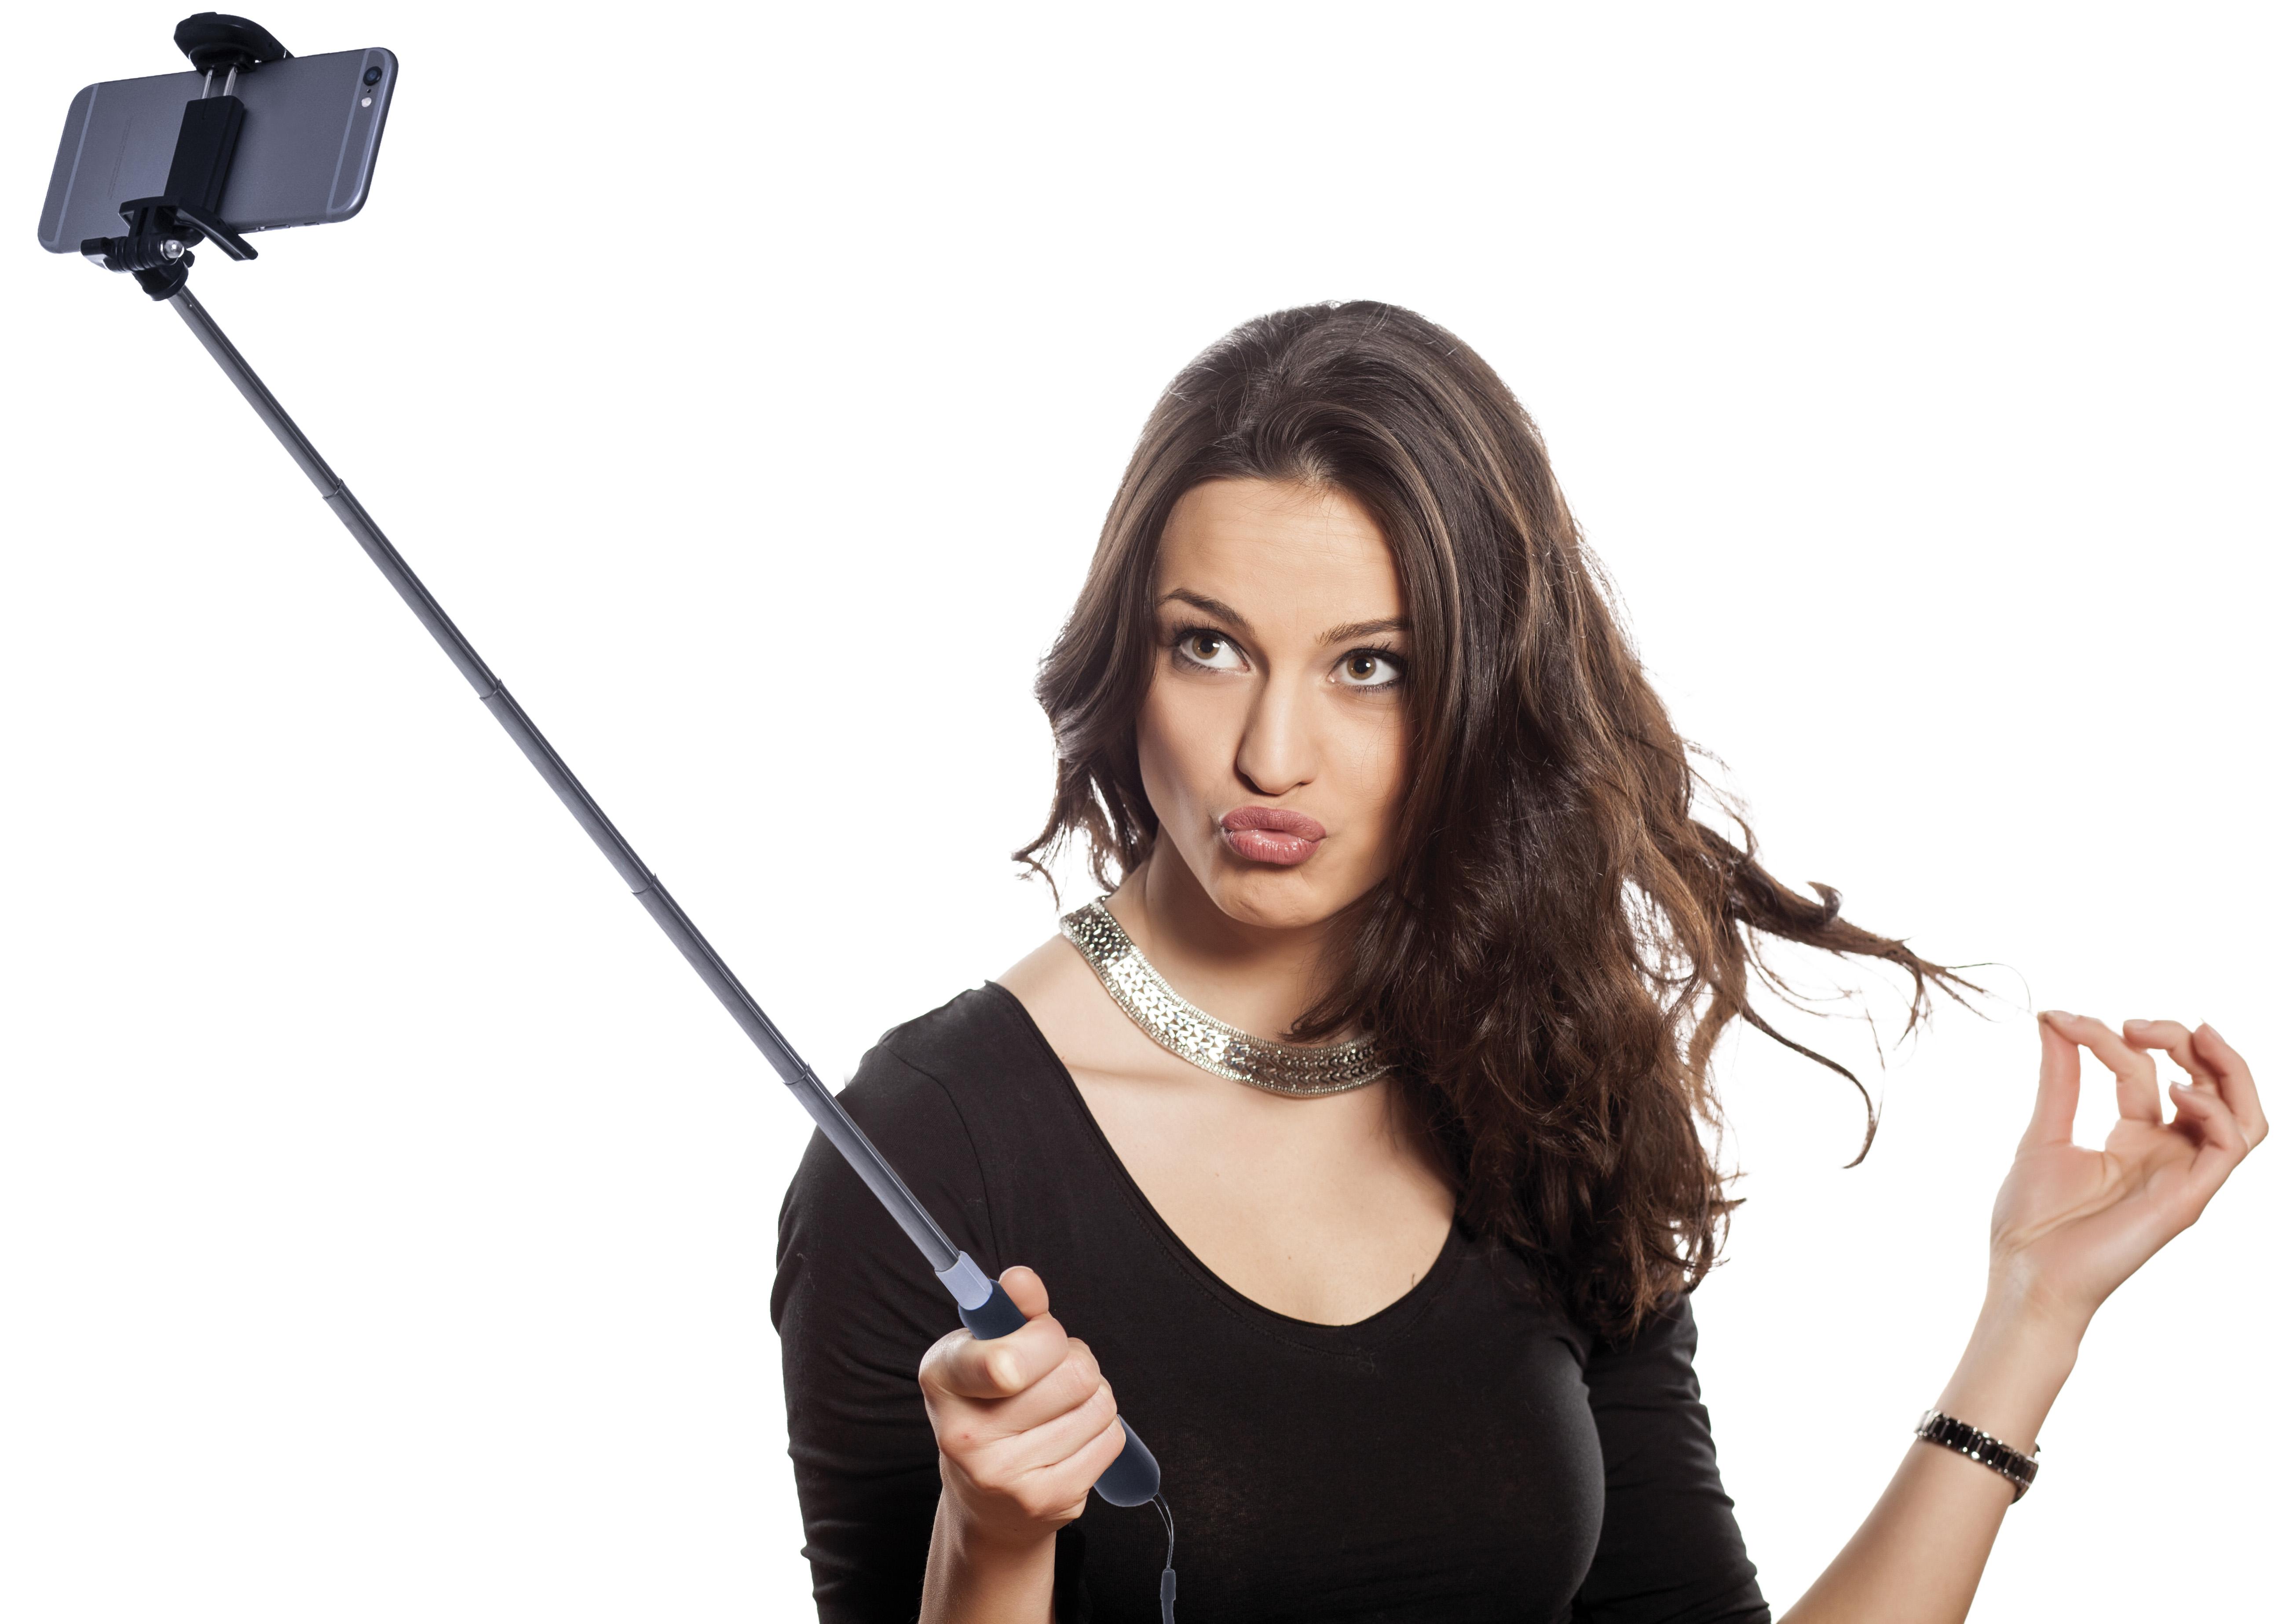 selfie ile ödeme yapma, selfie ile kimlik doğrulama, selfie ile şifre